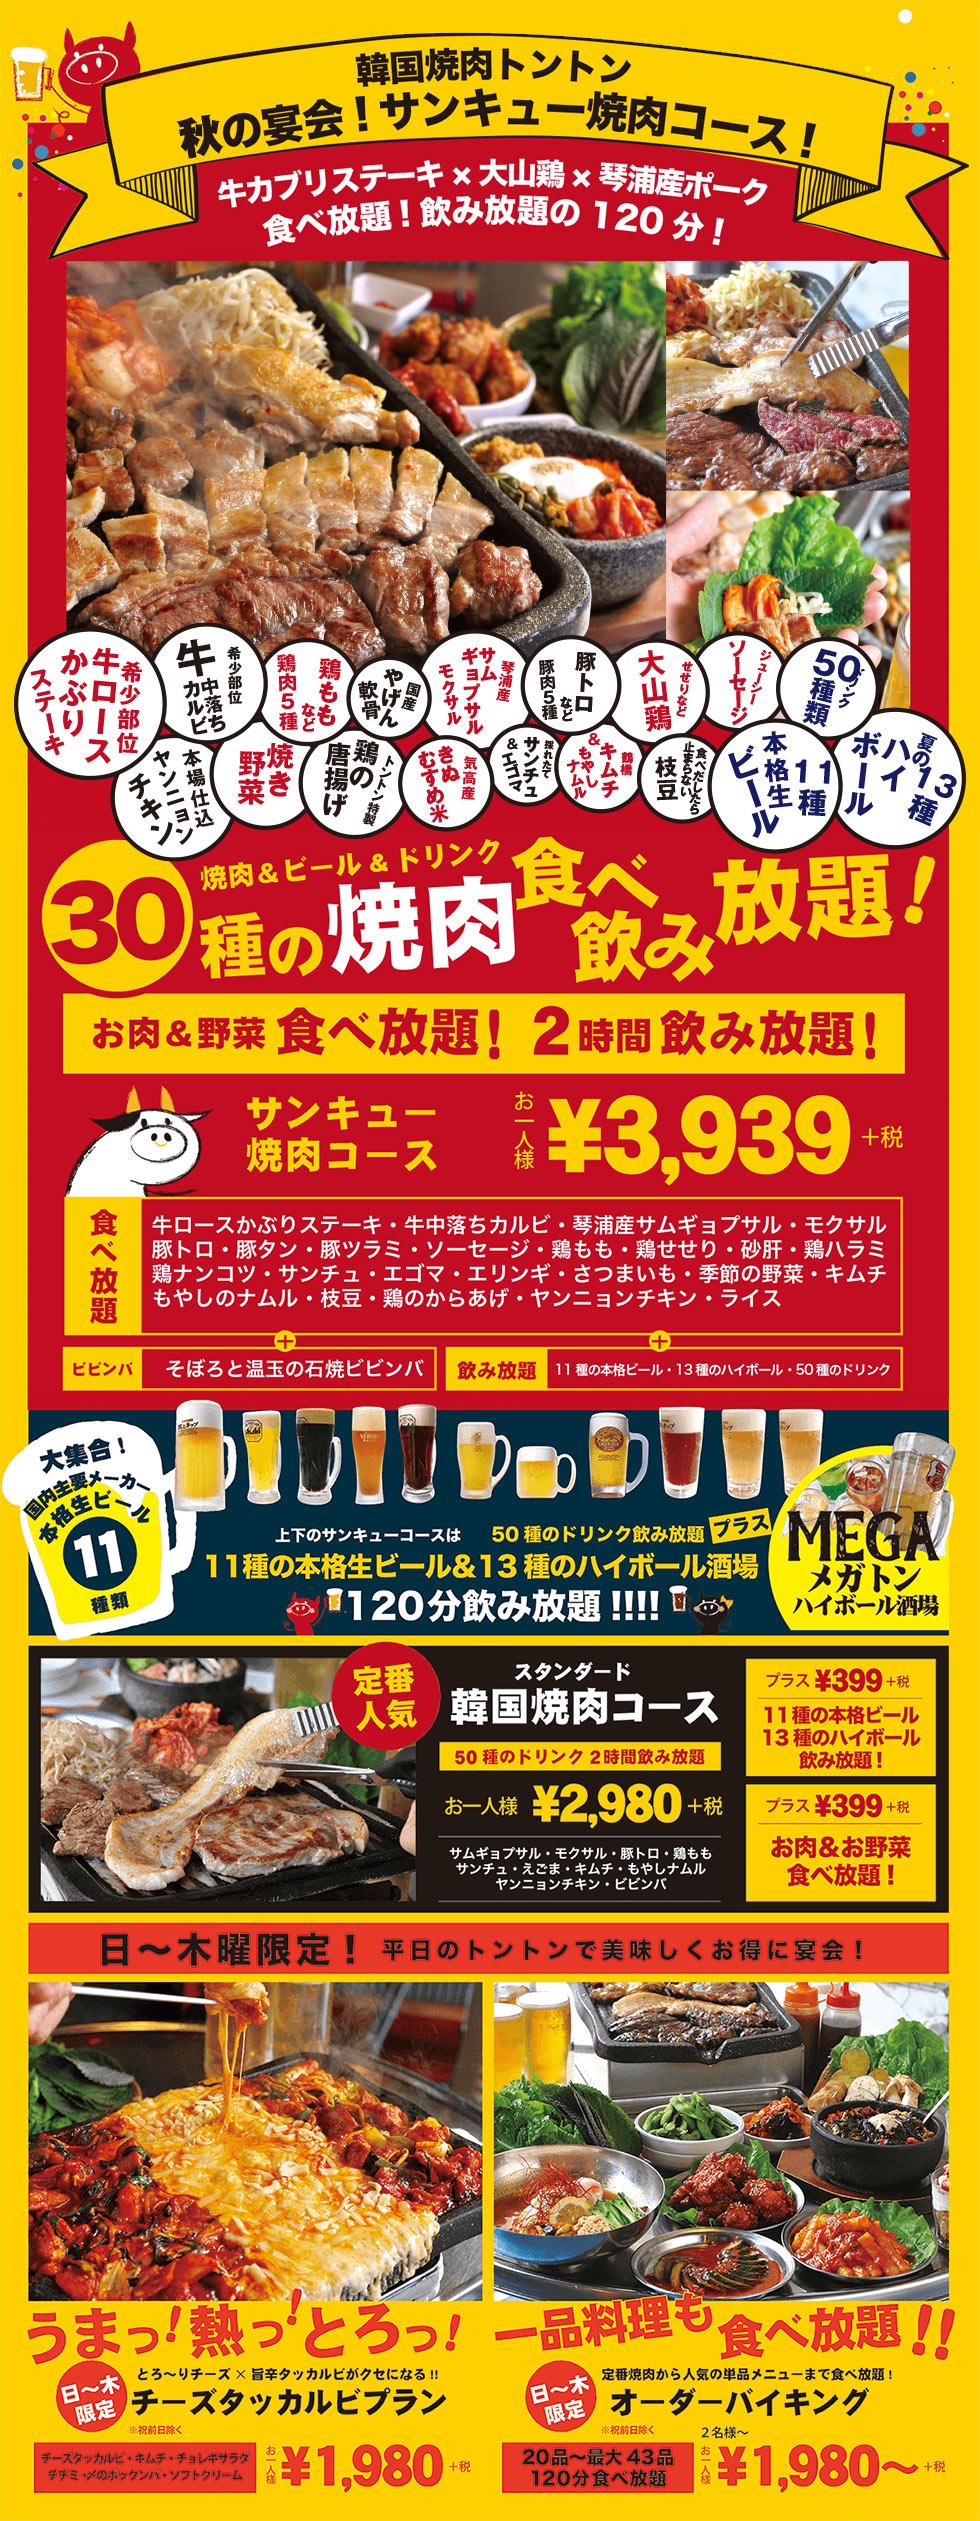 韓国焼肉トントン 秋の宴会! サンキュー焼肉コース